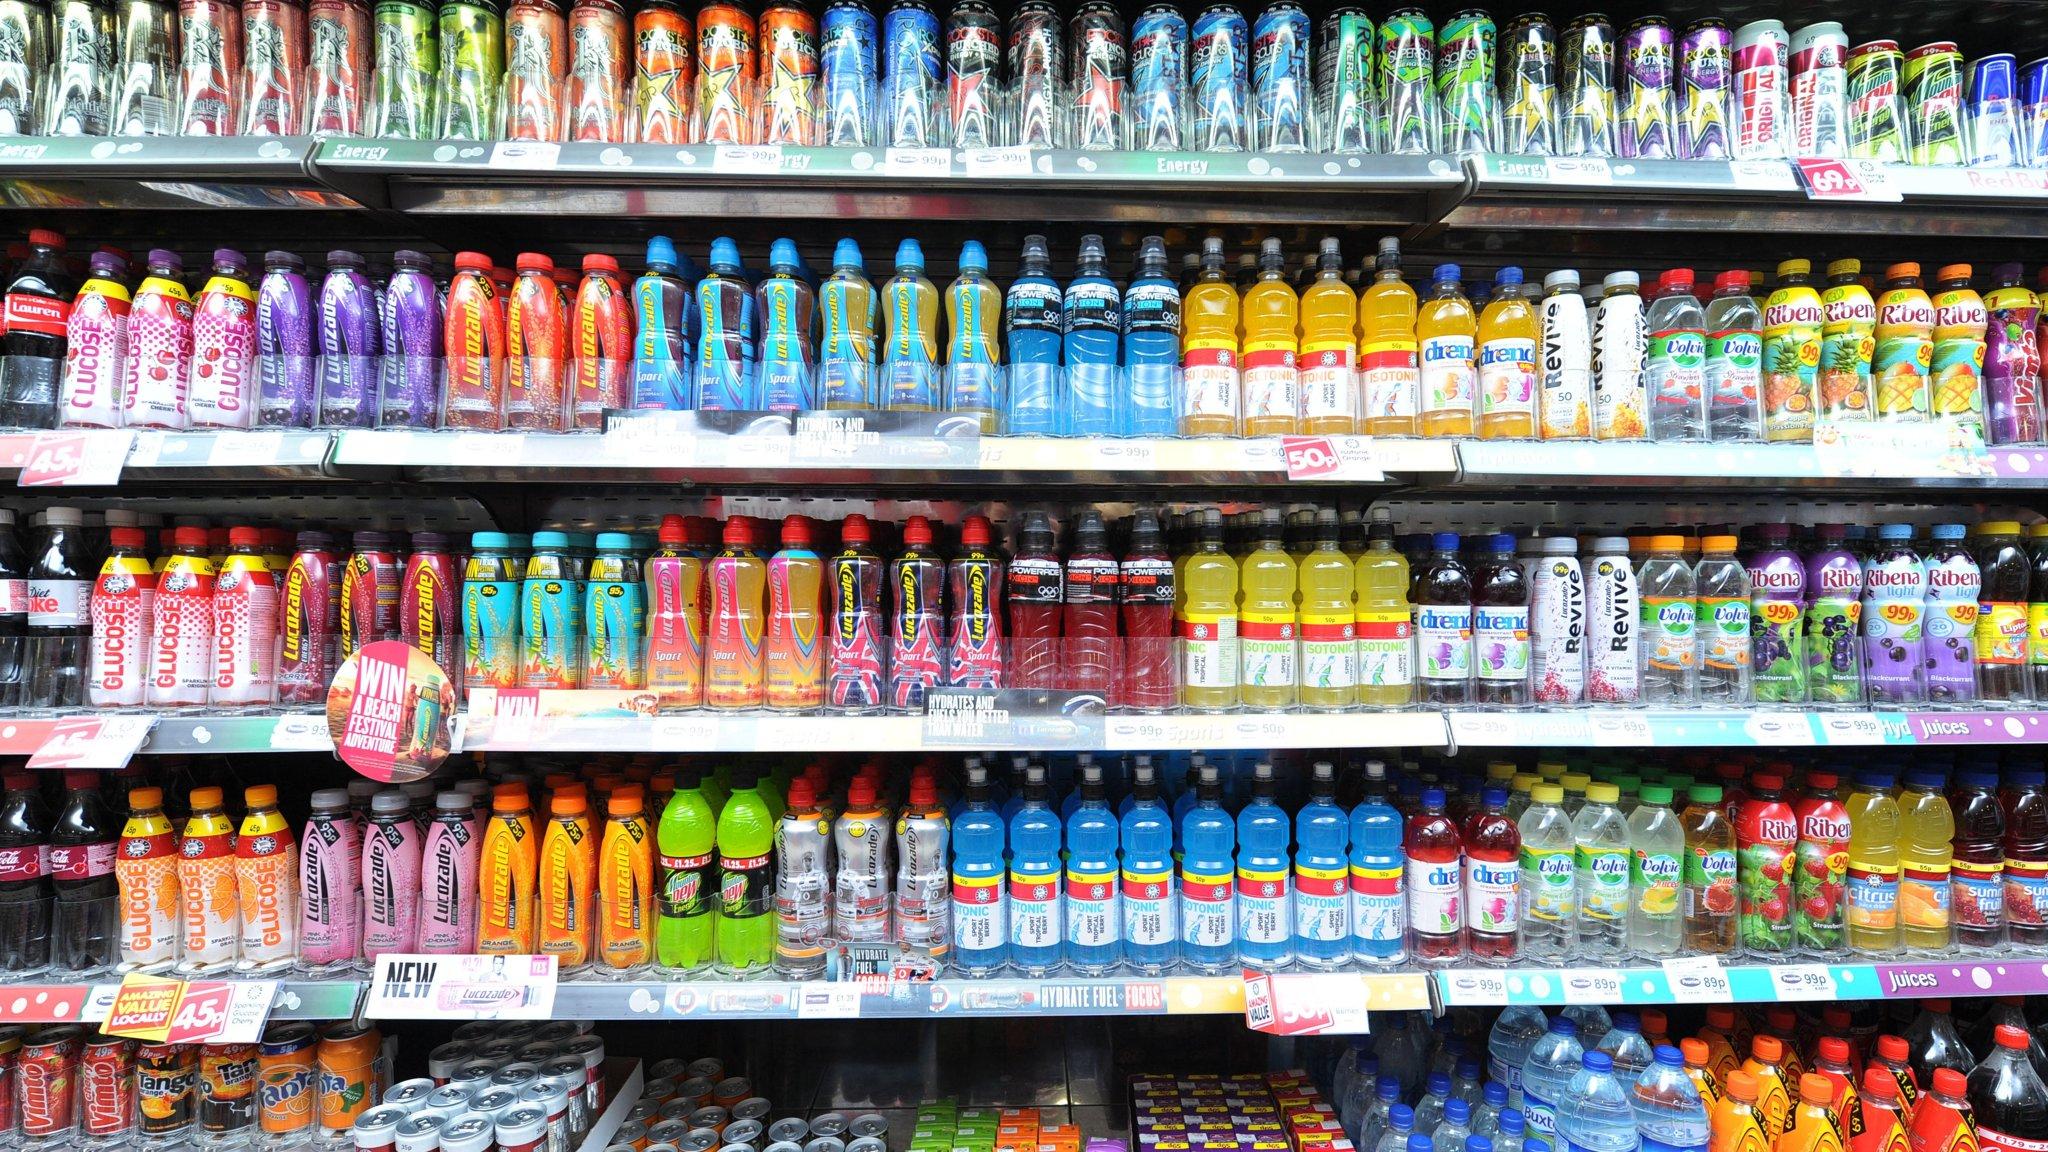 bebidas en estantes - El consumidor deja la gaseosa y busca nuevas opciones de bebidas